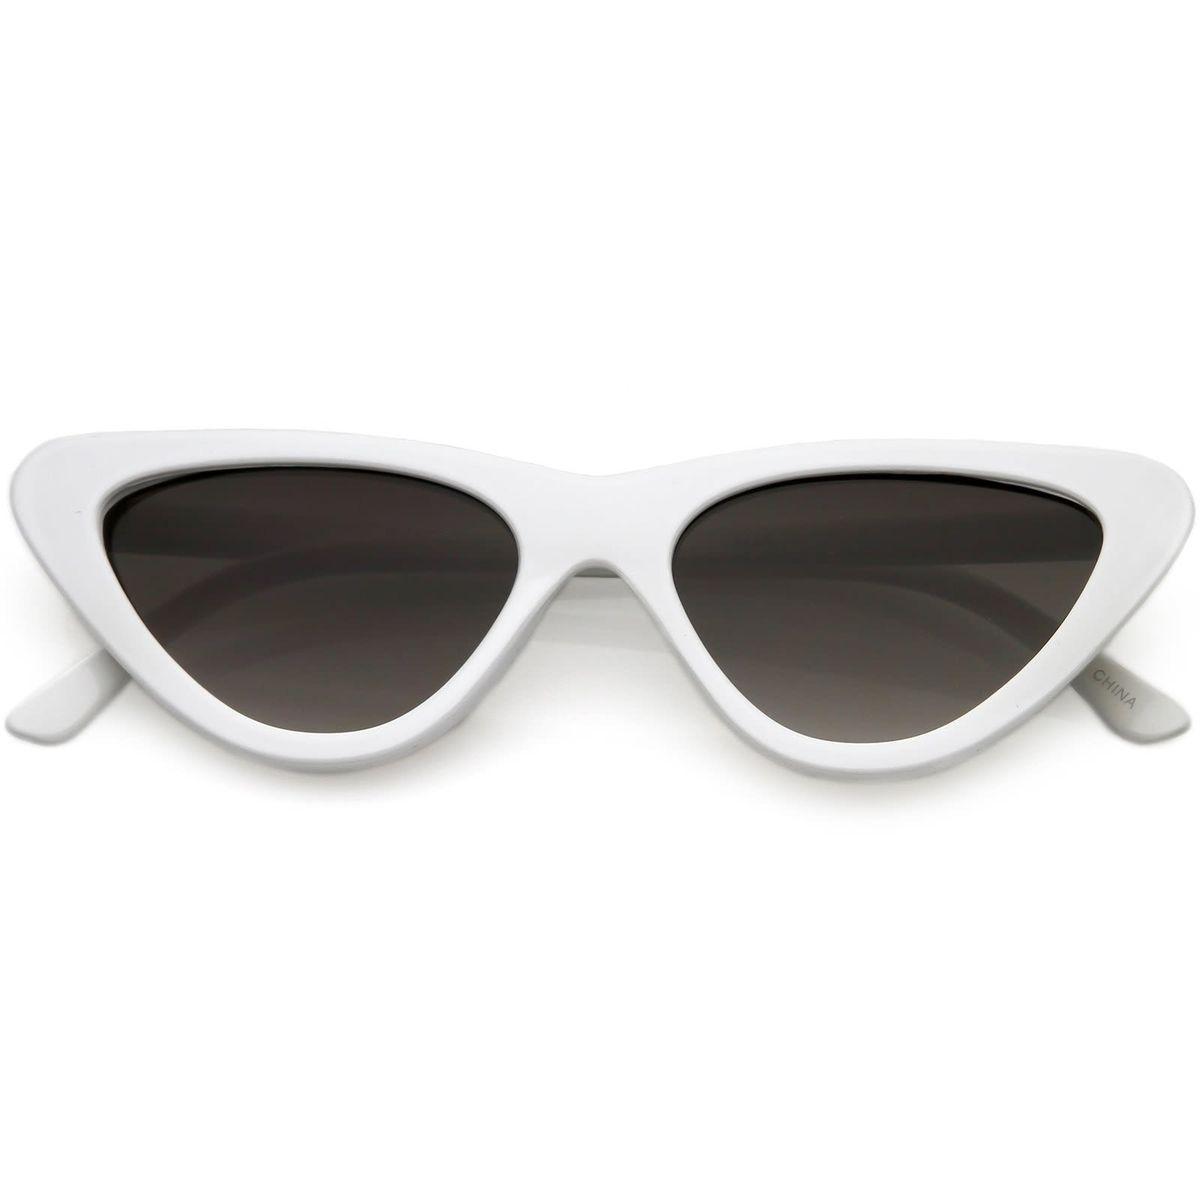 9dc6ec463215e Óculos Retrô Gatinho Branco